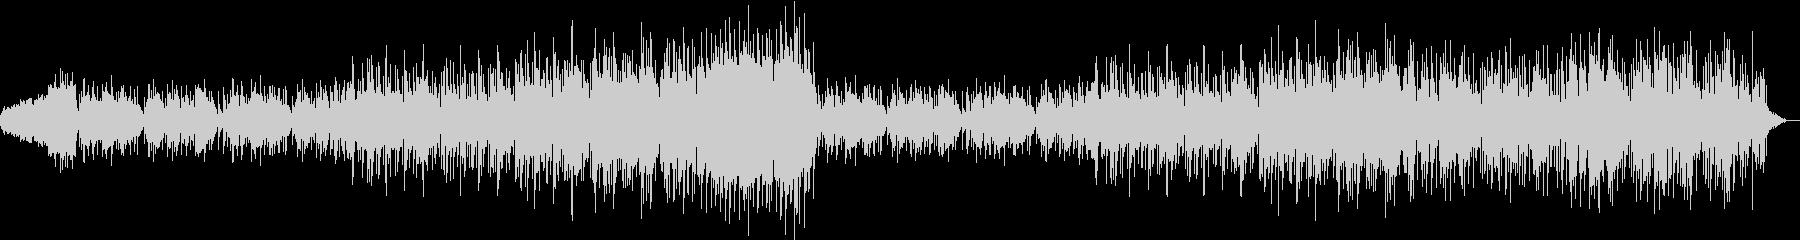 ピアノとストリングスのポップなバラードの未再生の波形